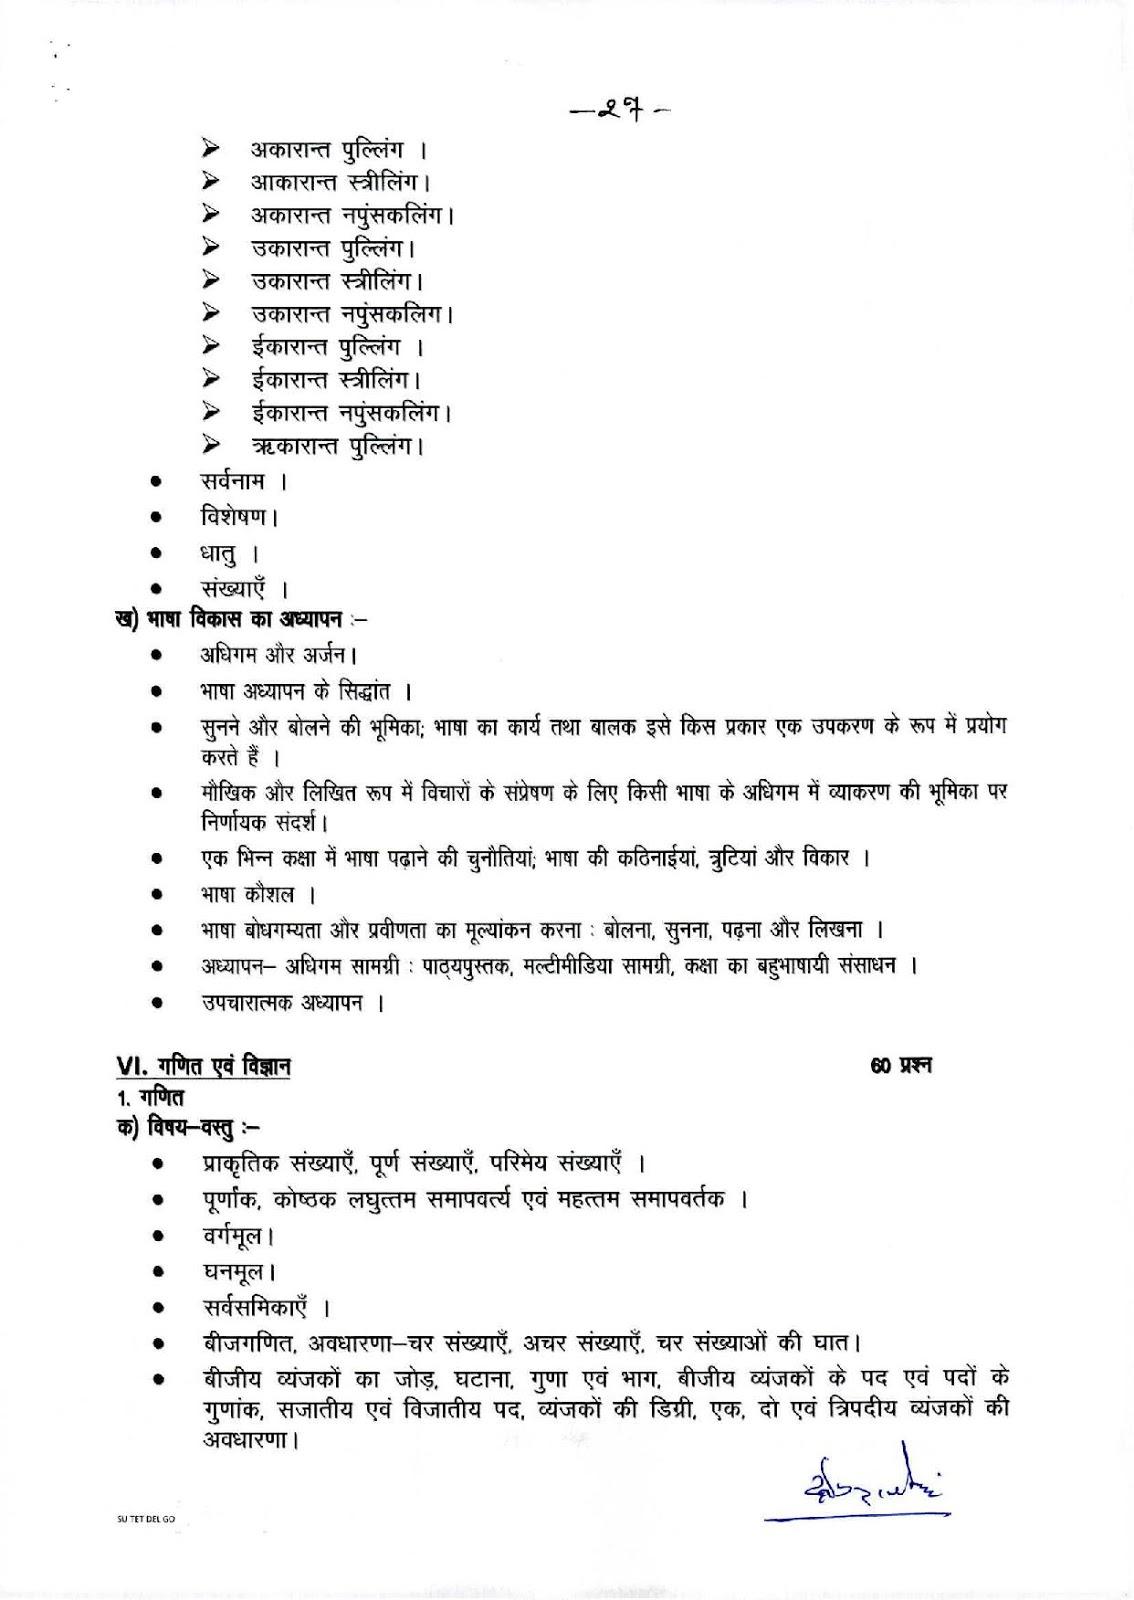 उच्च प्राथमिक पेपर-II (कक्षा 6 से 8 तक) पाठ्यक्रम देखे -4